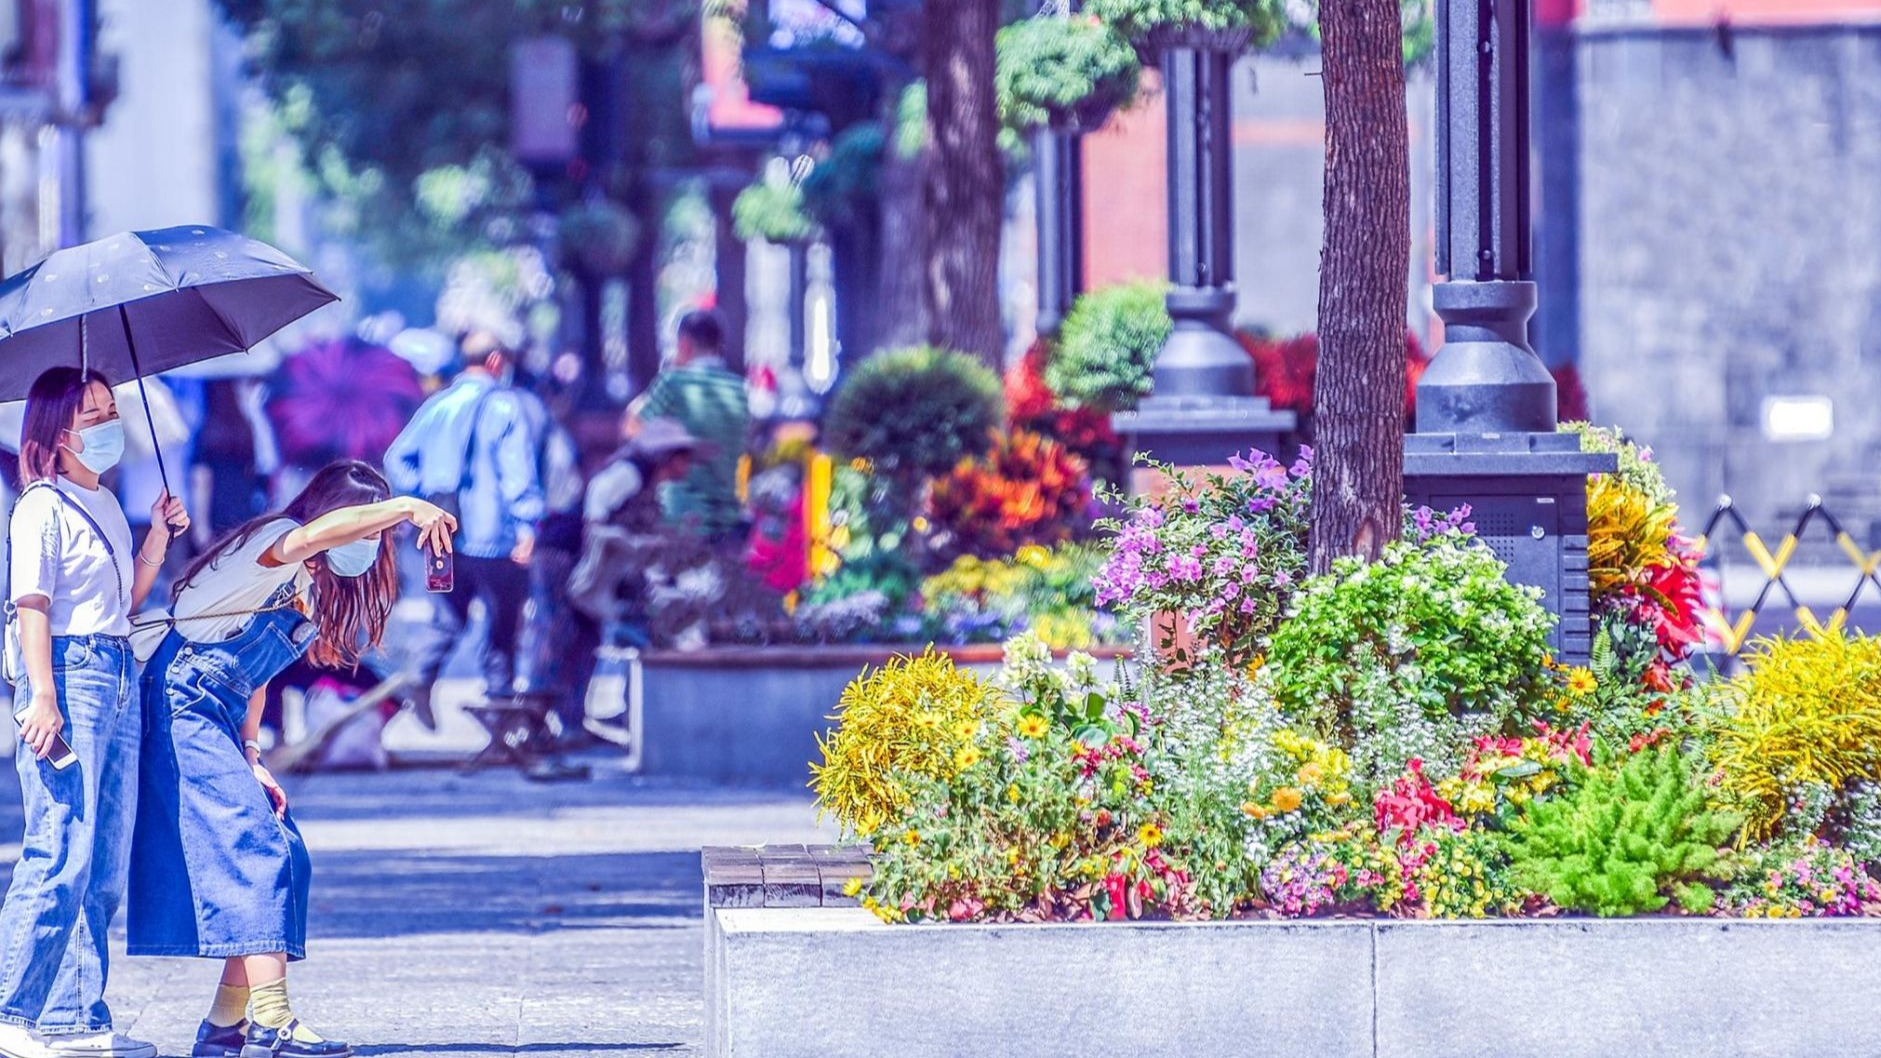 花漾街区江汉路 色彩斑斓迎国庆